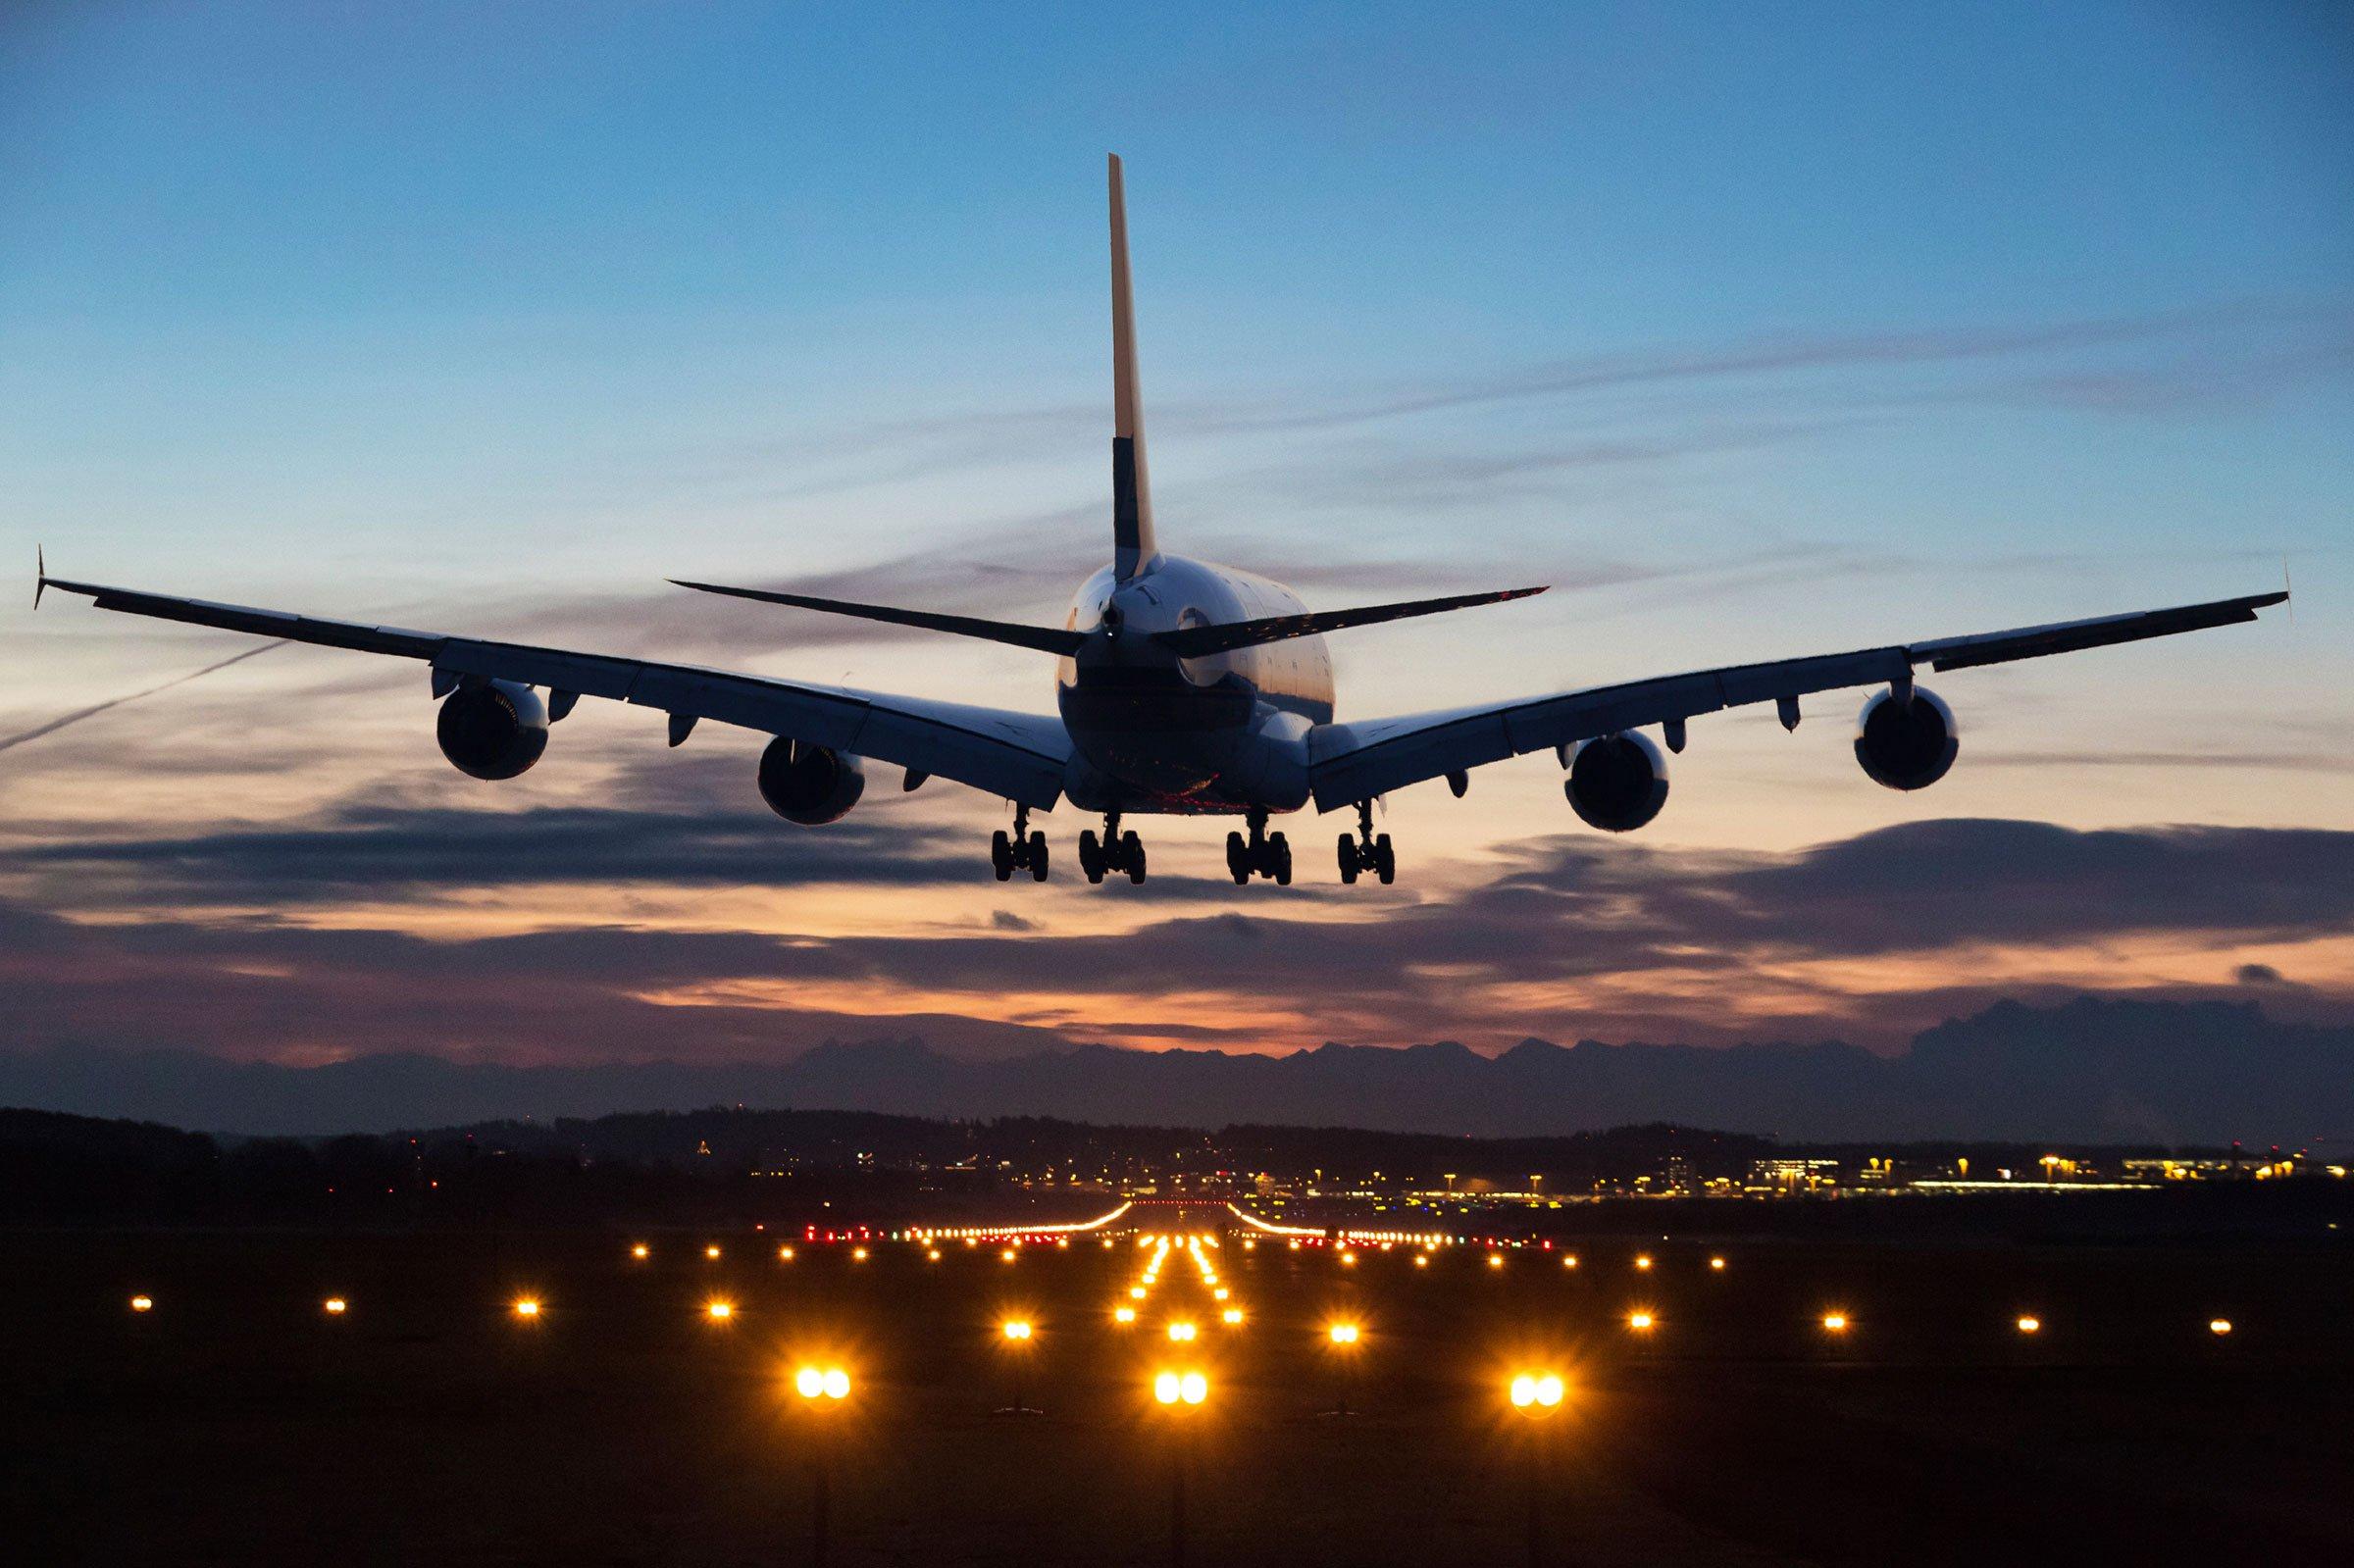 نکاتی مهم درباره ی سفر با هواپیما